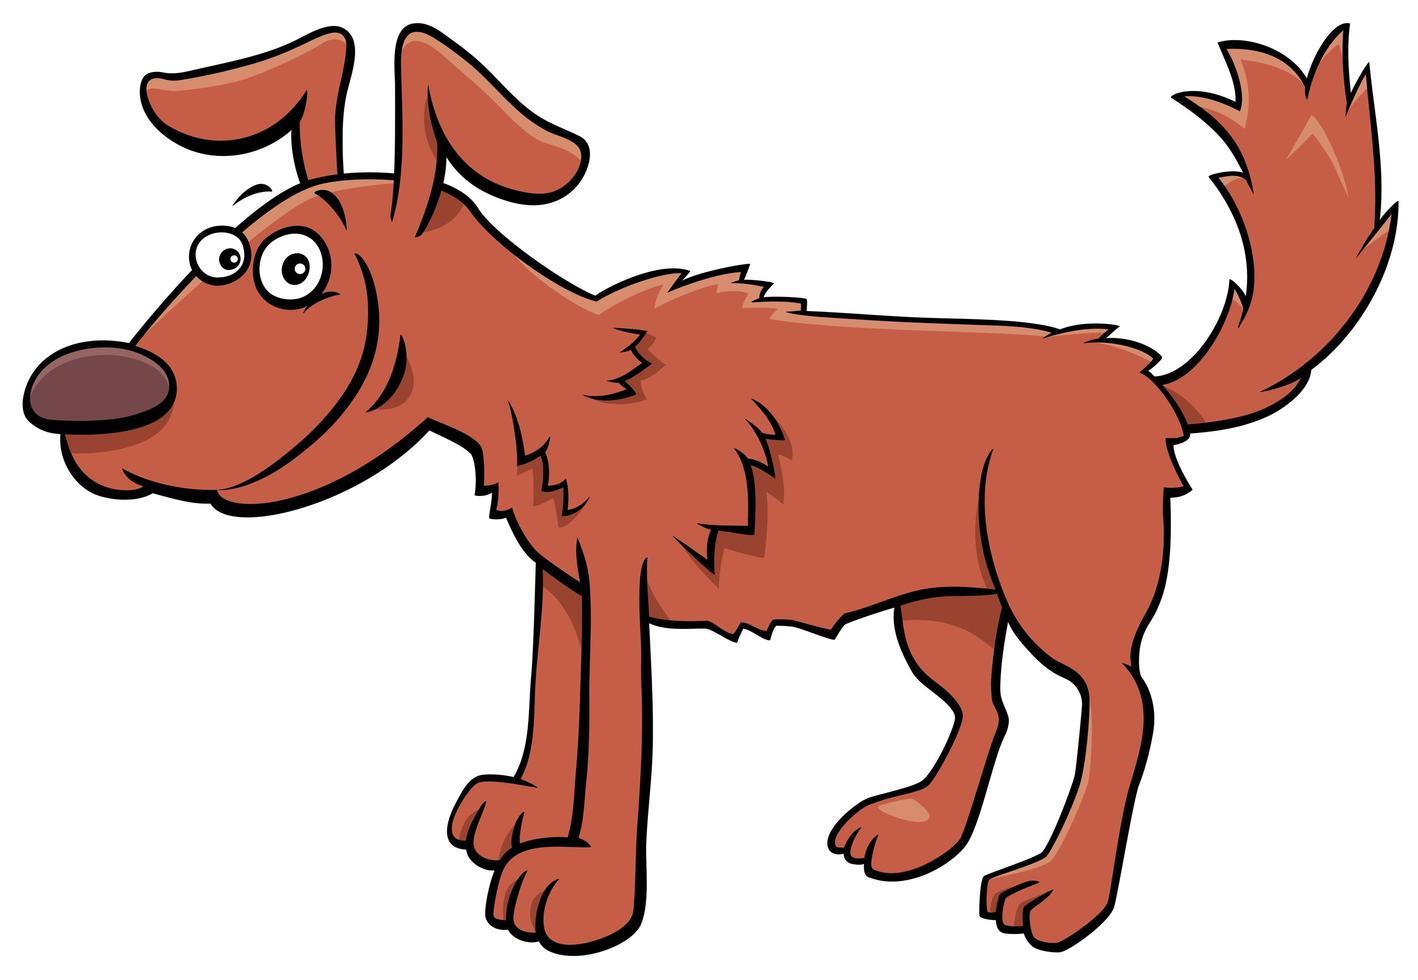 dessin animé, chien, dessin animé, animal, caractère vecteur